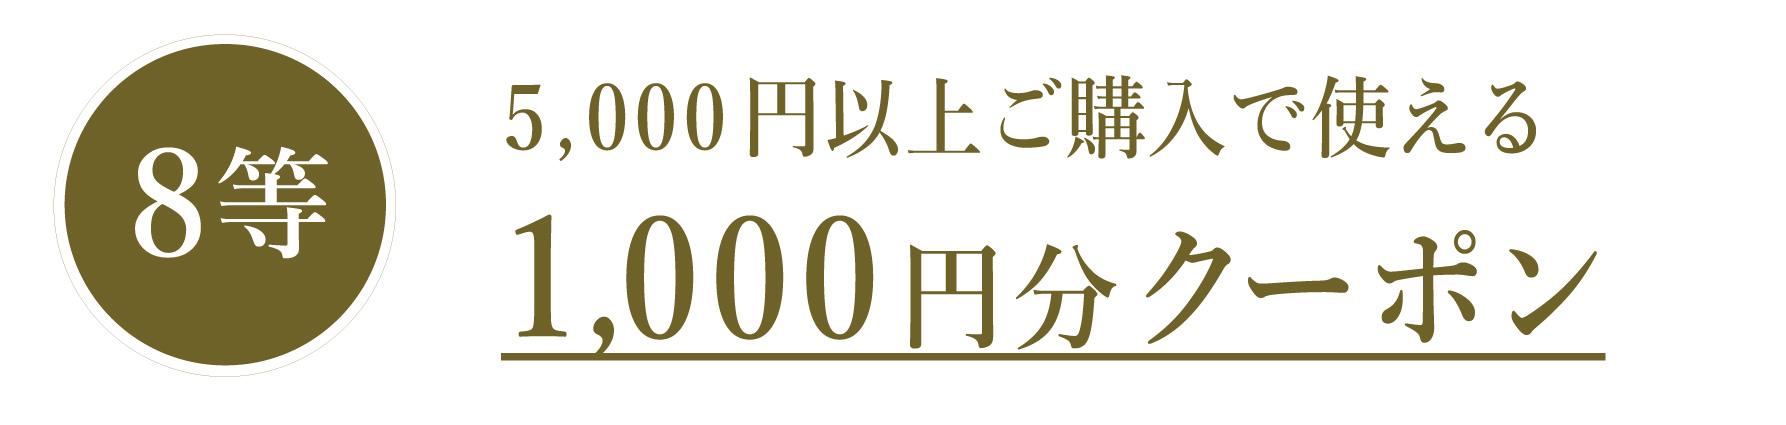 5,000円以上で使える1,000円分クーポン!